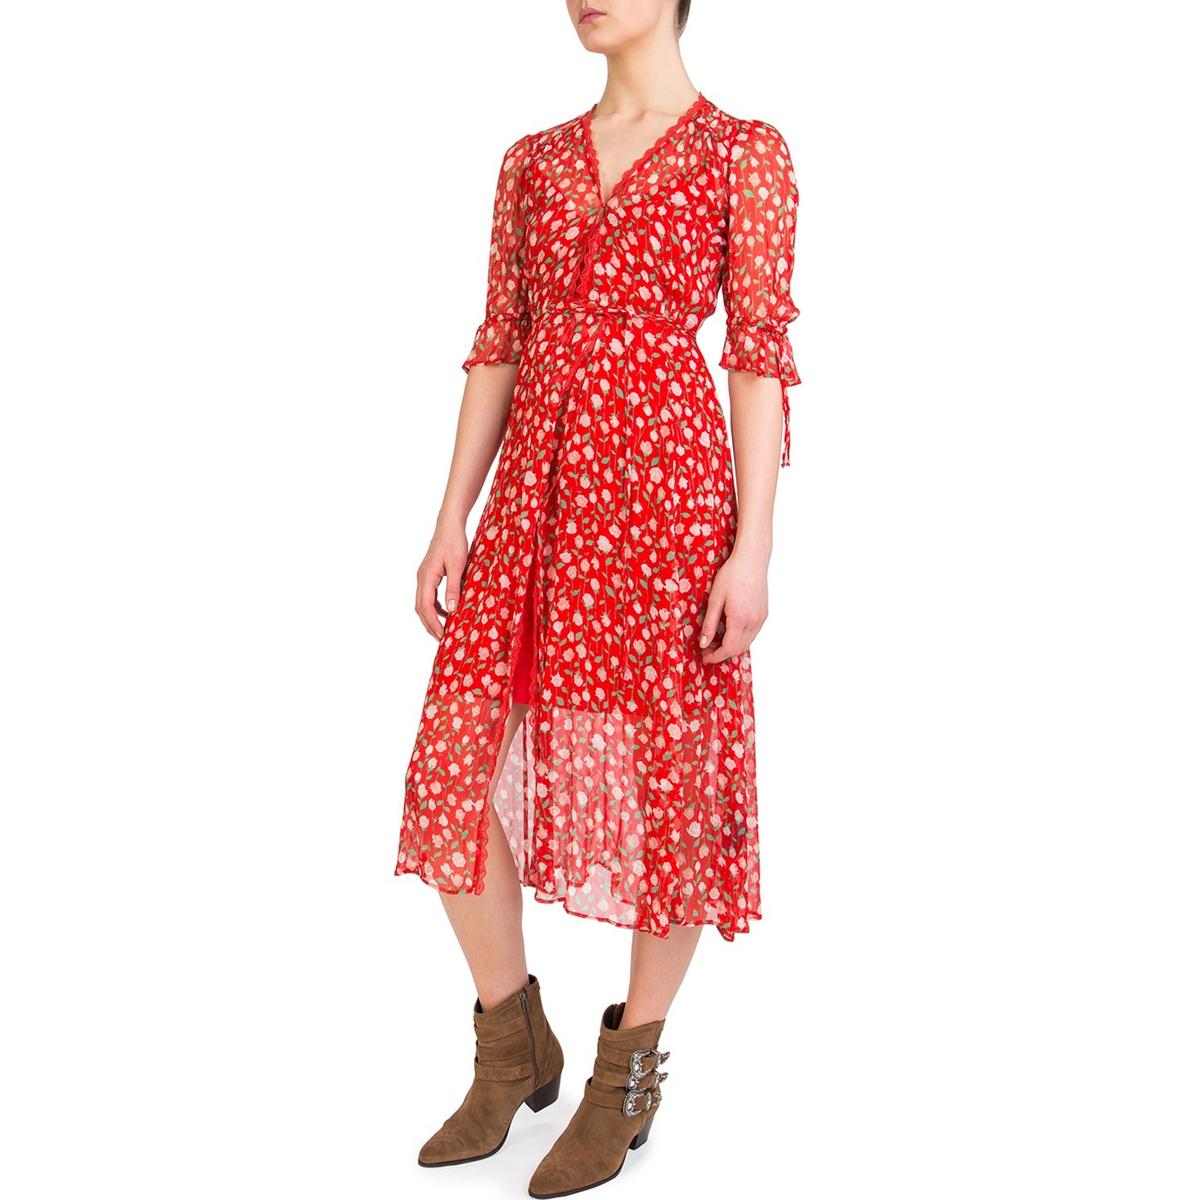 Платье-миди с запахом с рисунком недорогое платье запахом для полных